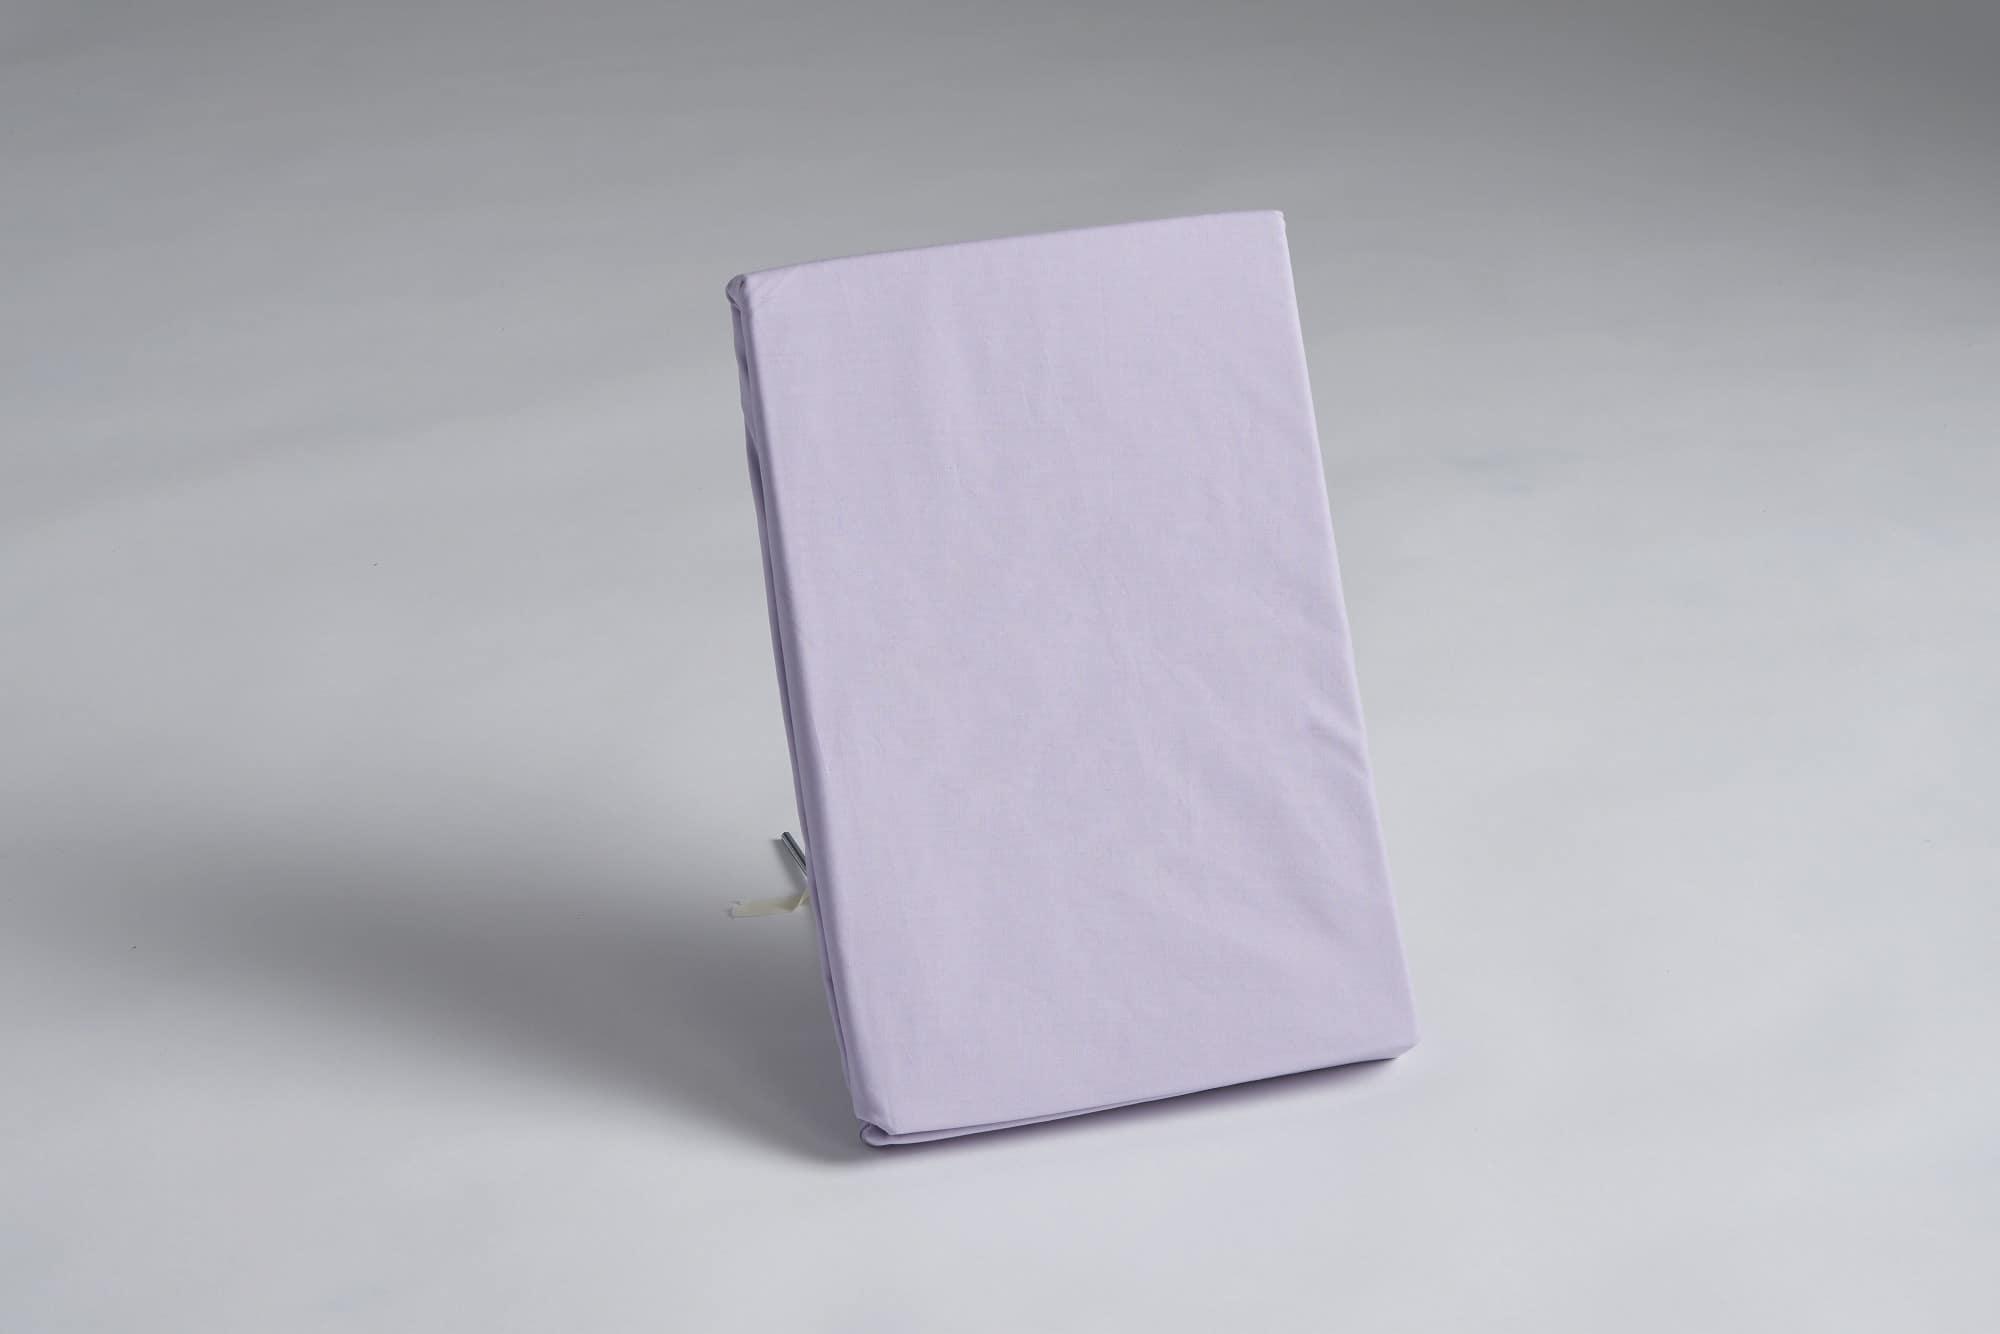 ボックスシーツ セミダブル用 45H パープル